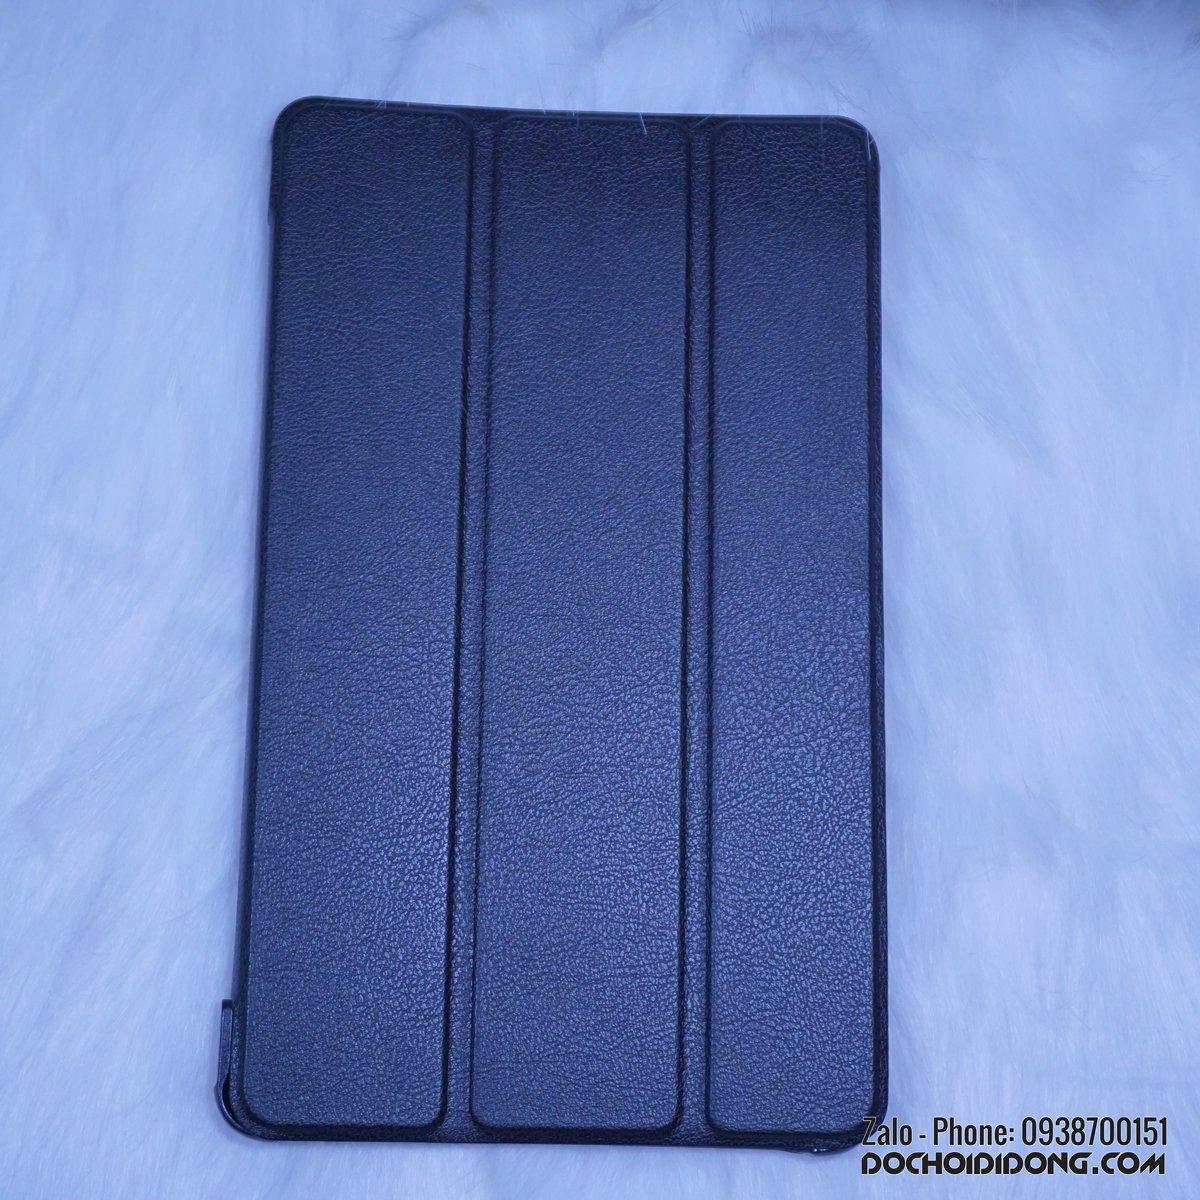 Bao da Samsung Galaxy Tab A 8.0 T295 2019 dạng flip cao cấp